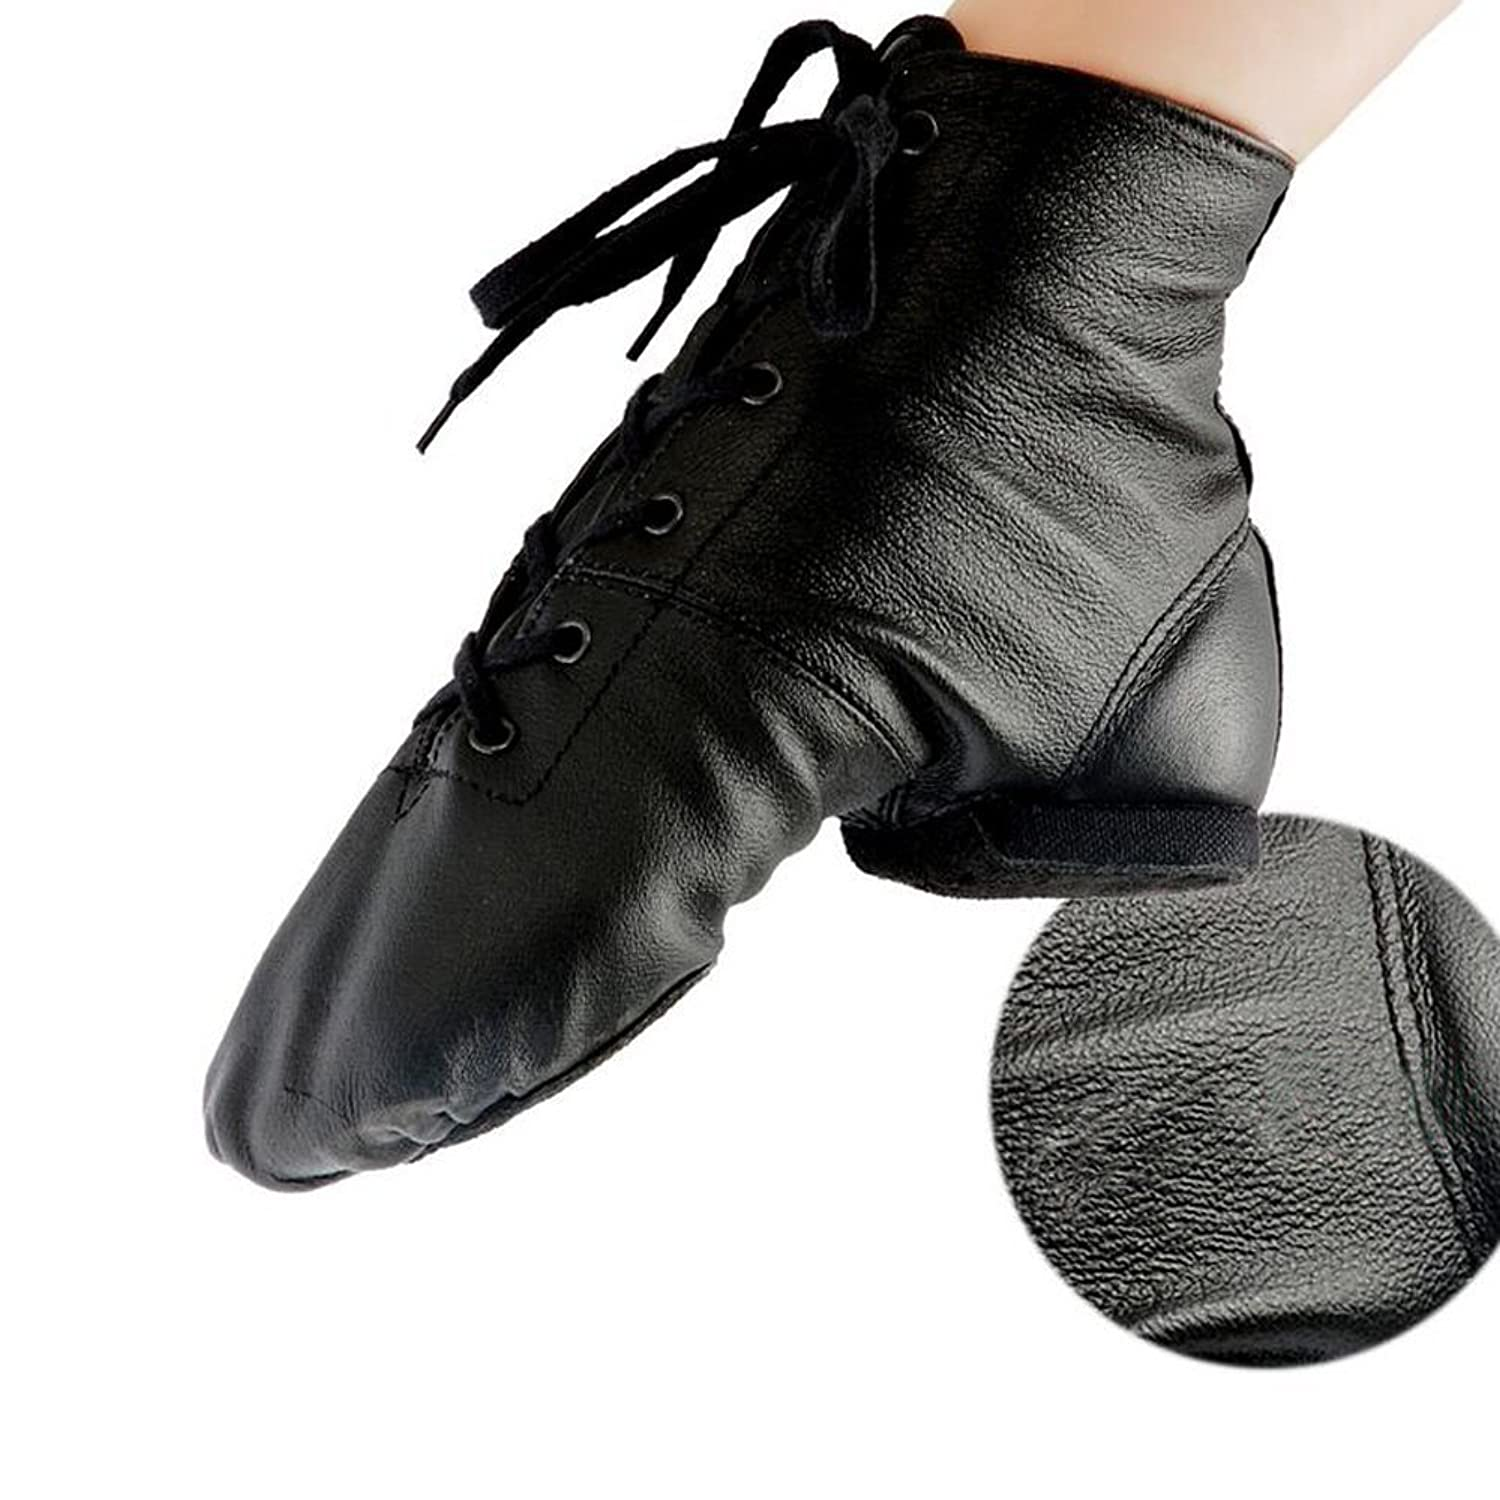 Amazon.com | Women's Leather Soft Soles Flat Dance Shoes Jazz Boots Leather  Practice Dance Shoes | Ballet & Dance